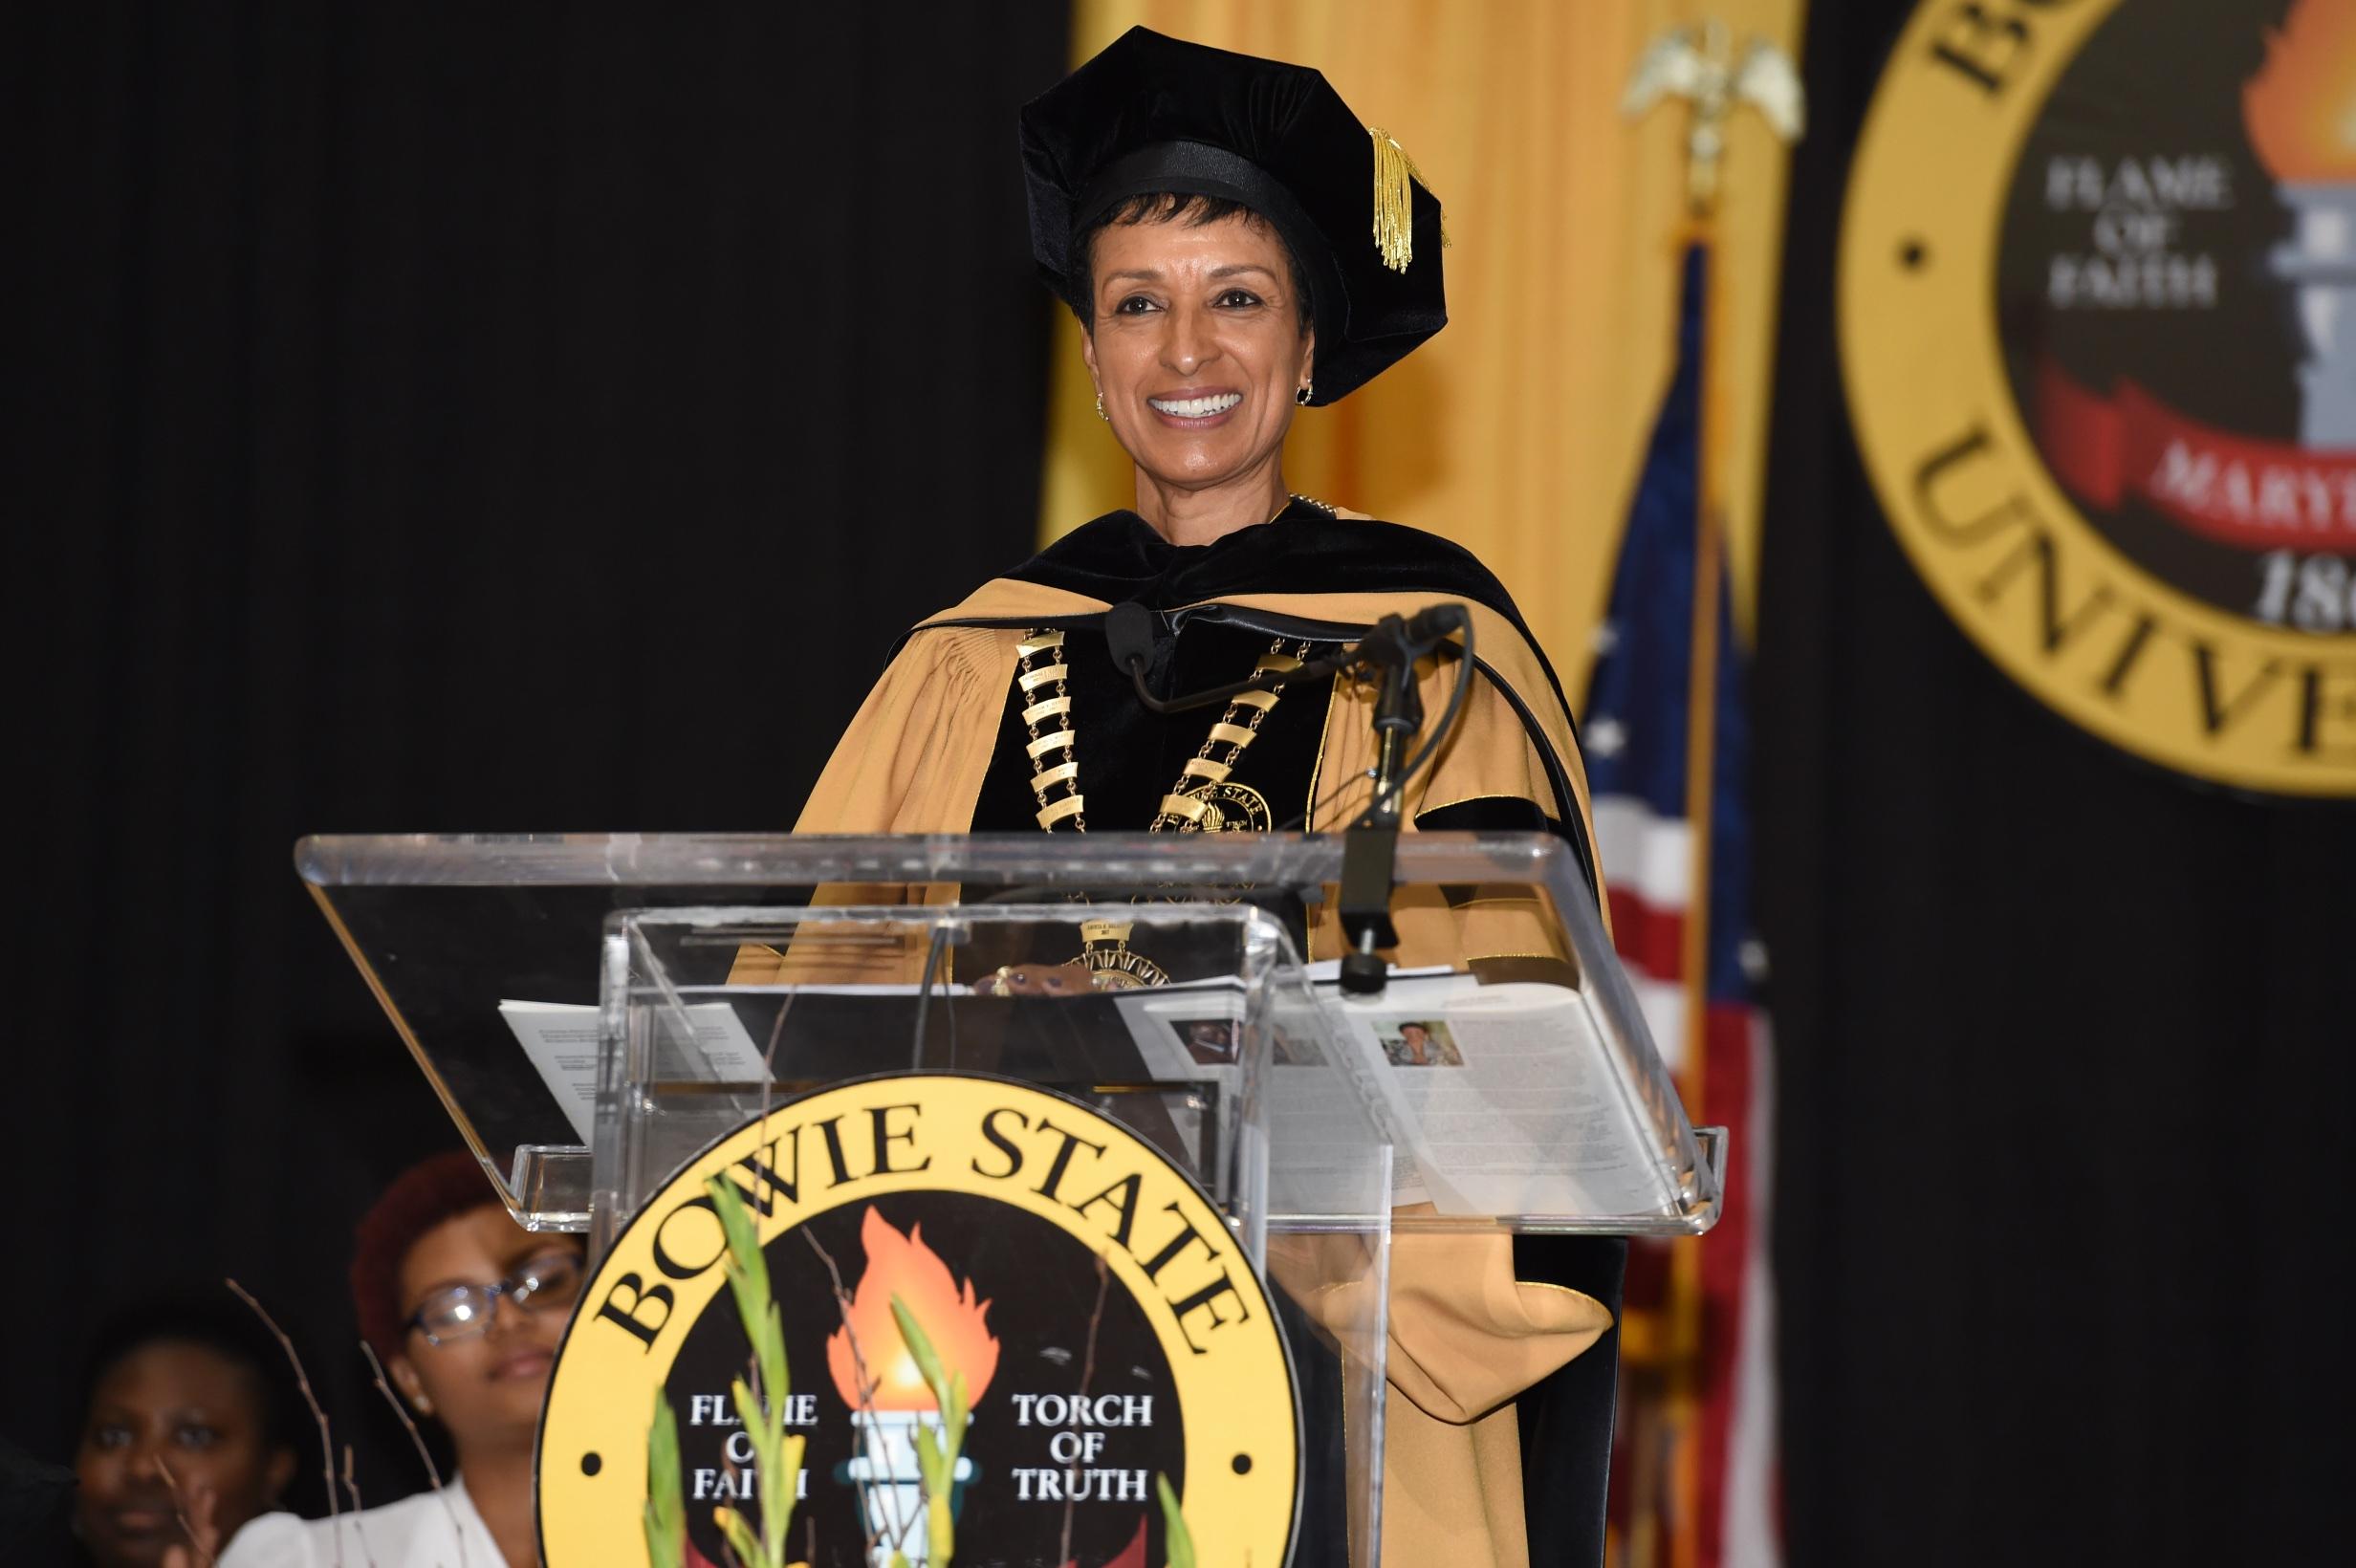 President Aminta H. Breaux wearing regalia